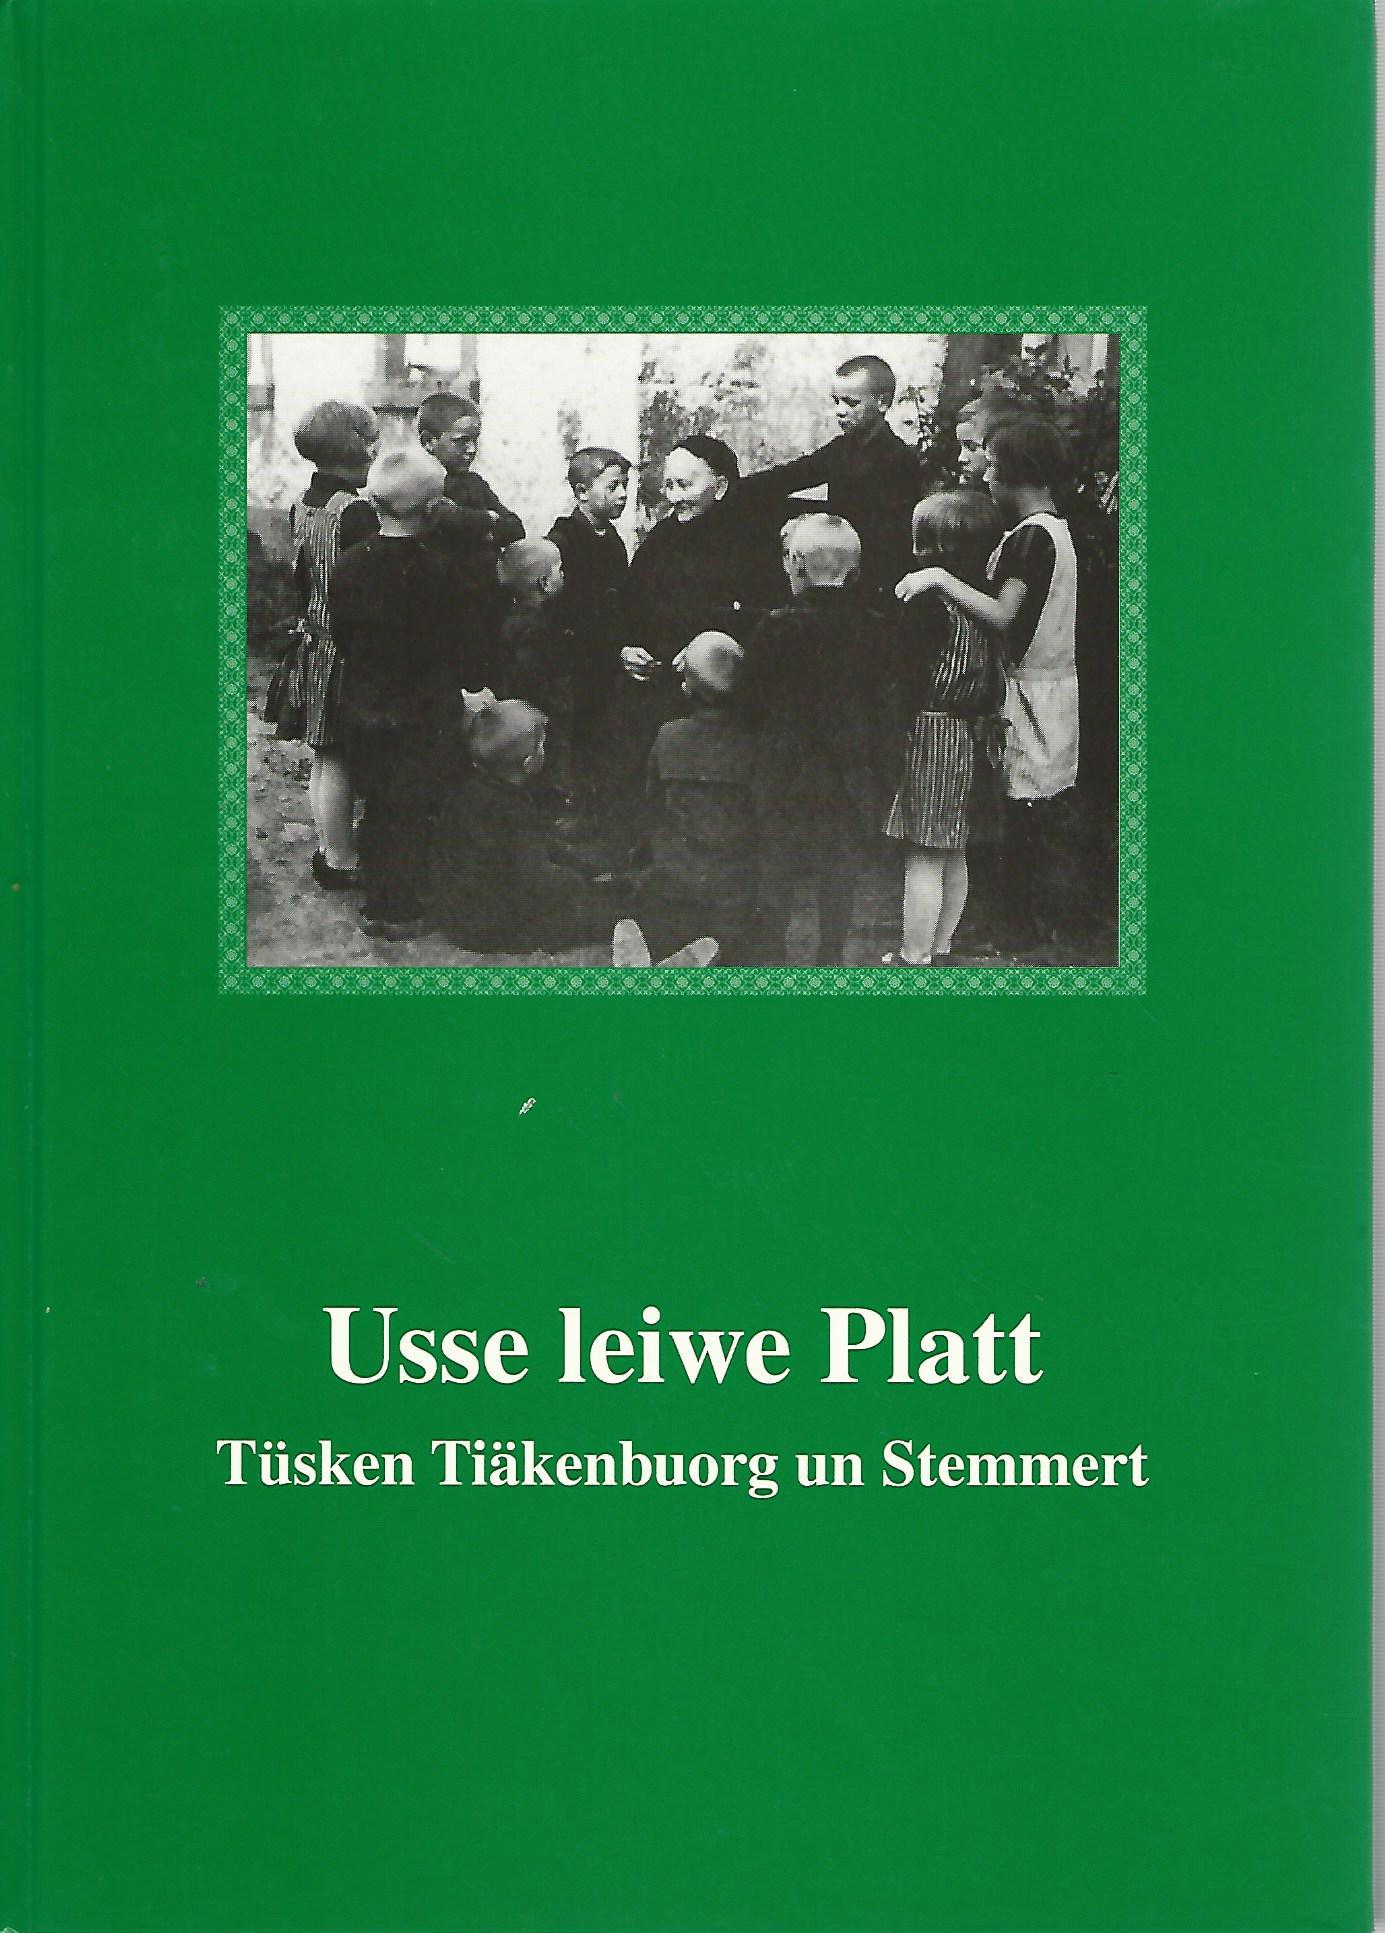 Usse leiwe Platt. Tüsken Tiäkenbuorg un Stemmert.: Kreisheimatbund Steinfurt: